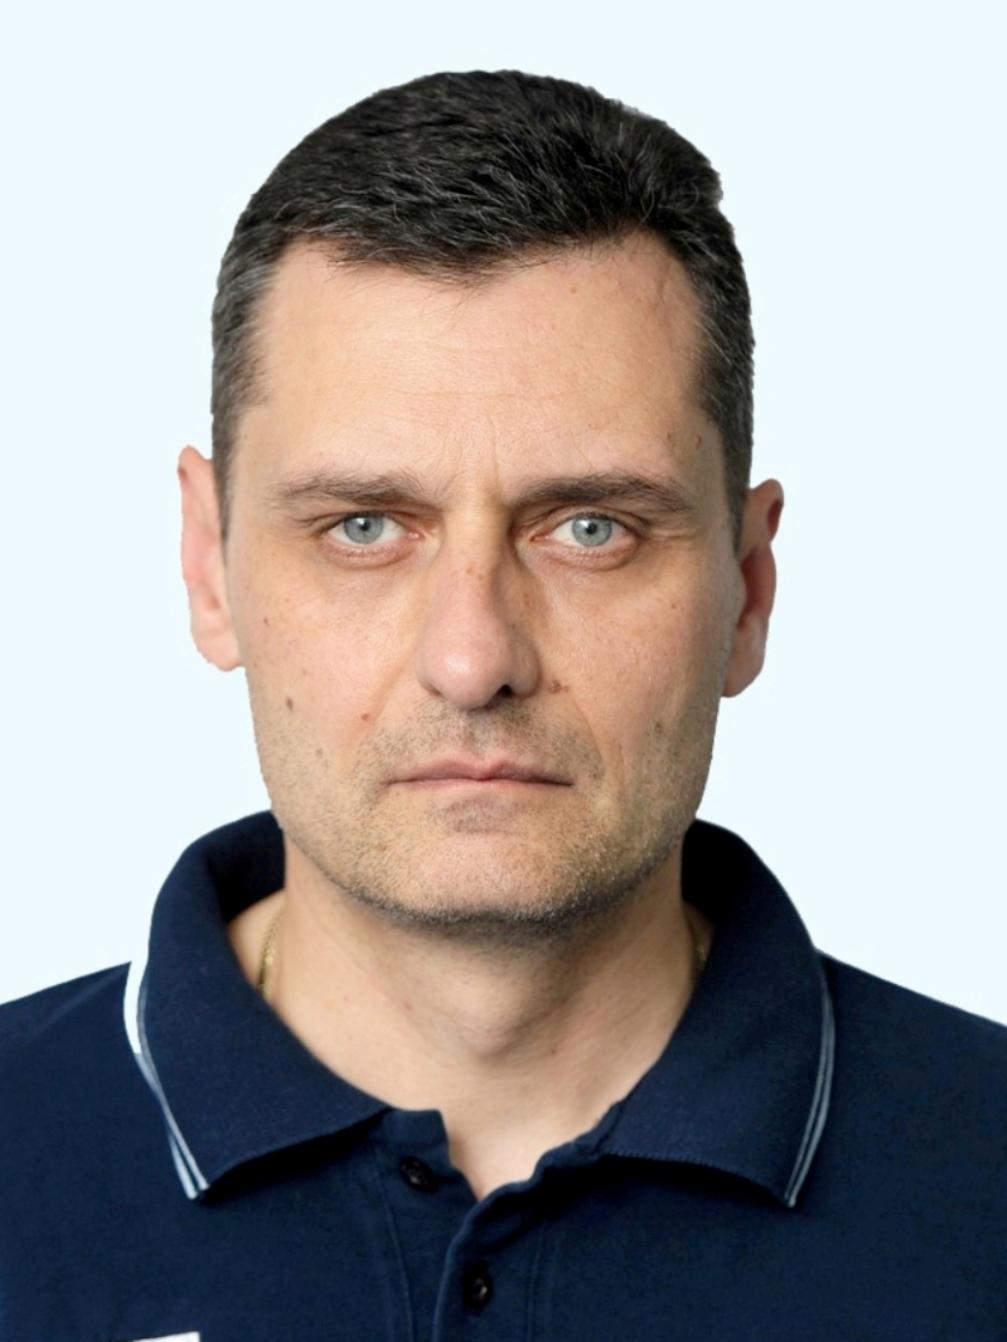 Zoran Terzic